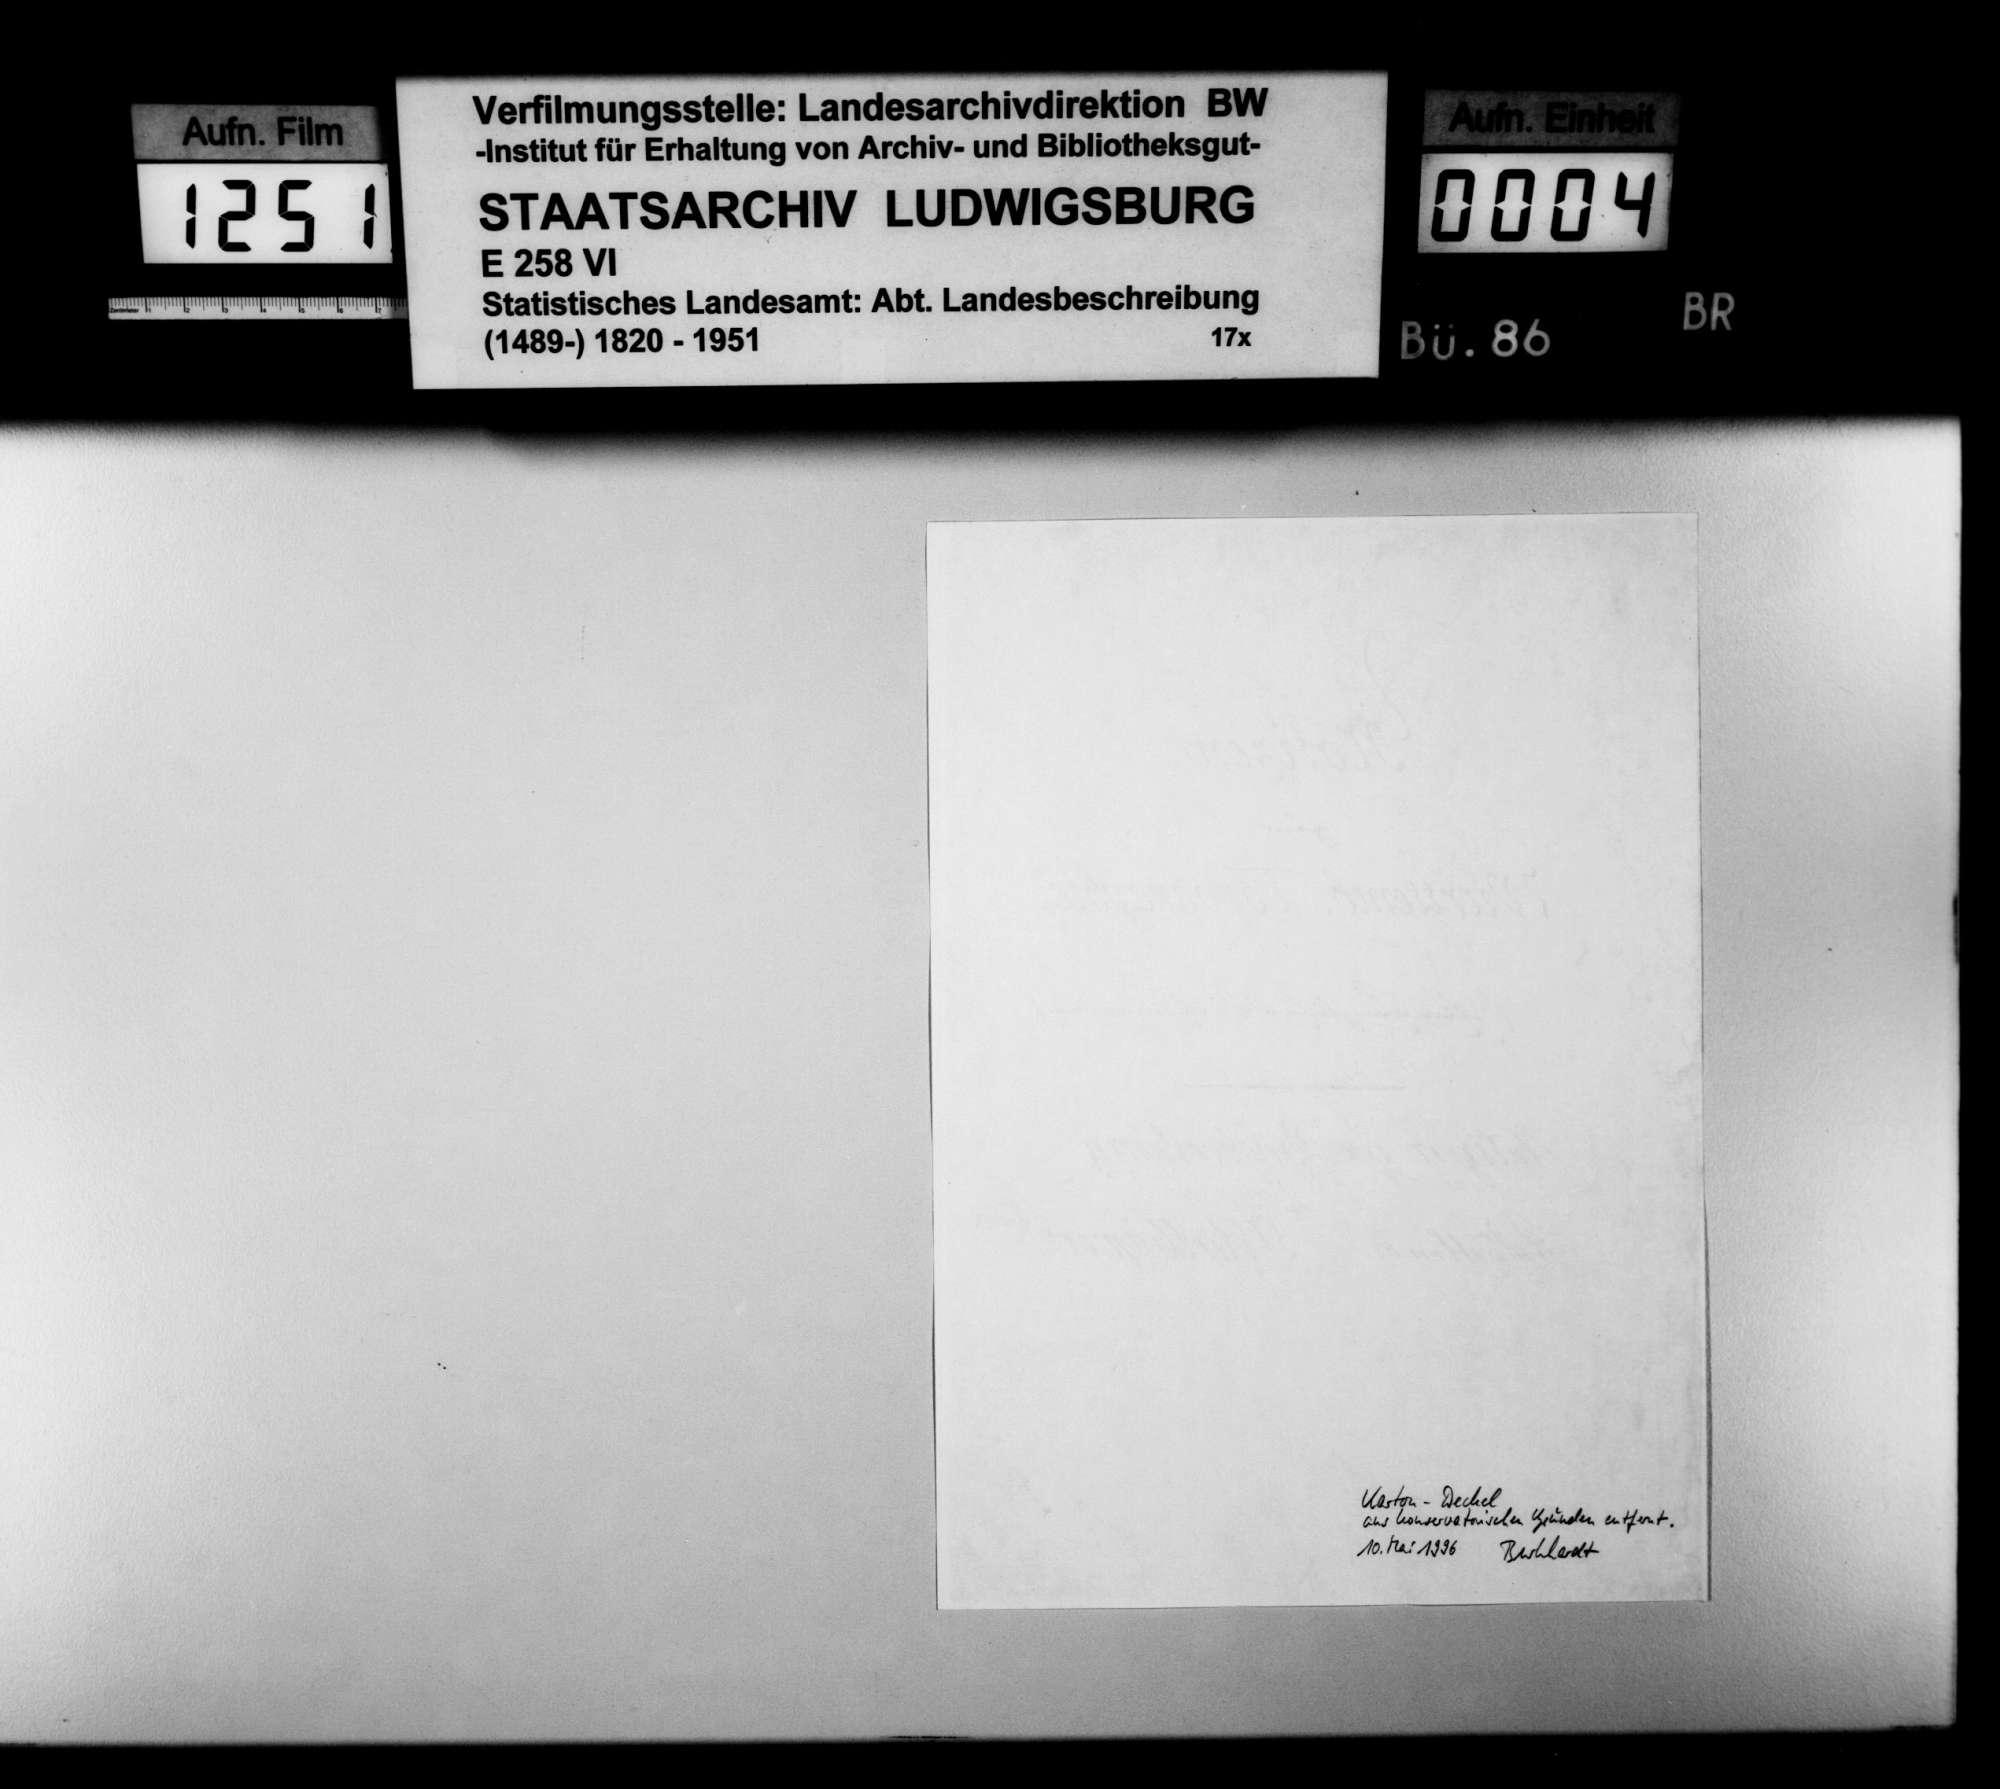 Notizen, Exzerpte, Listen, Konzepte, Zeitungsartikel [von der Hand und aus der Sammlung des Kupferstechers August Seyffer] zu württembergischen Altertümern, Bild 2